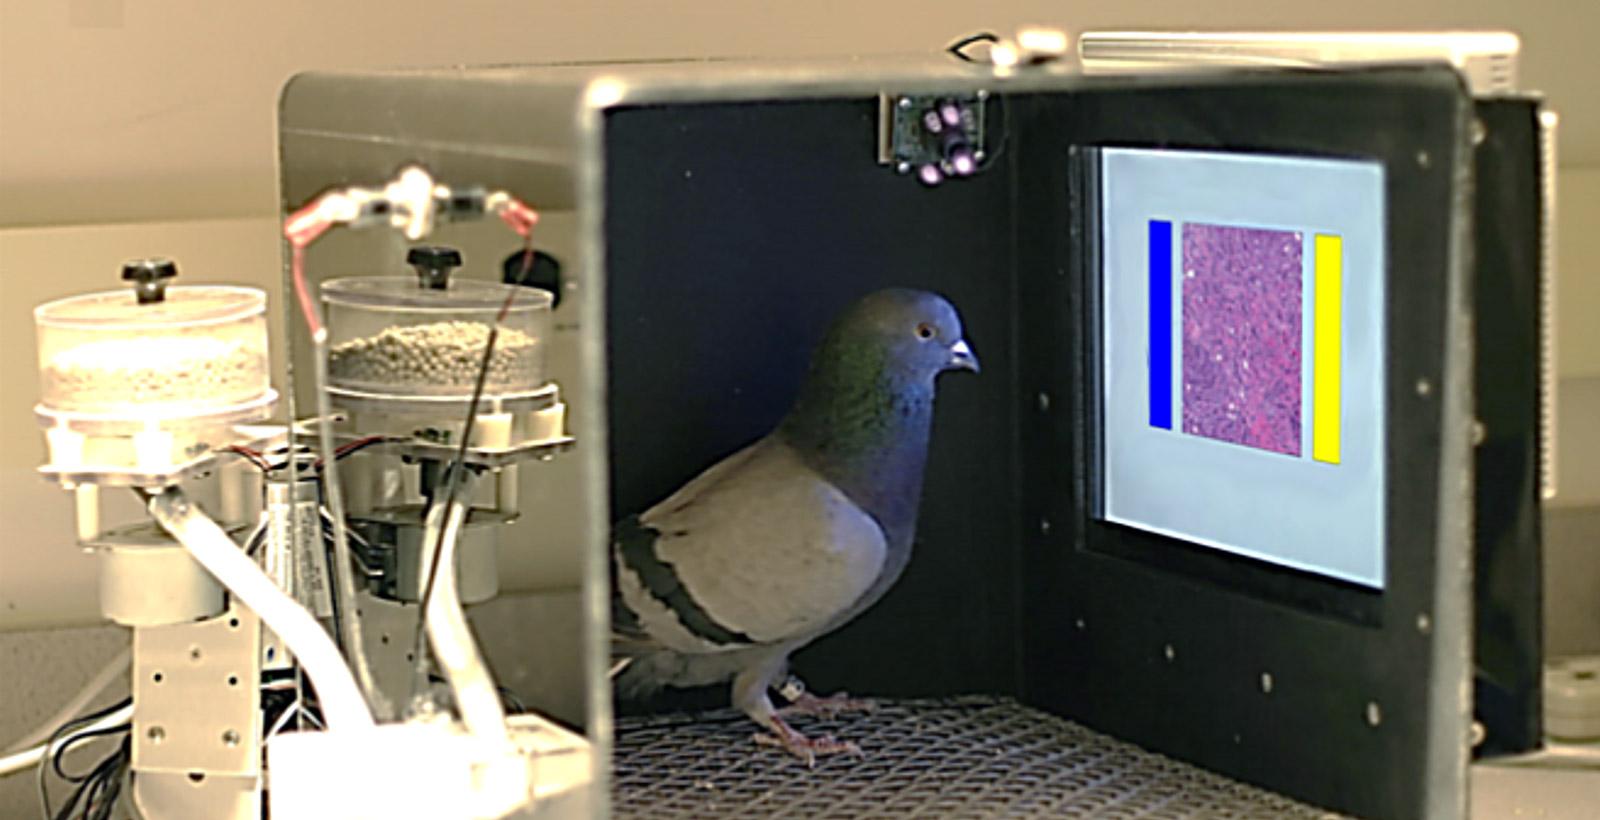 La boîte de Skinner, équipée d'un distributeur de nourriture et d'un écran tactile affichant une image médicale.